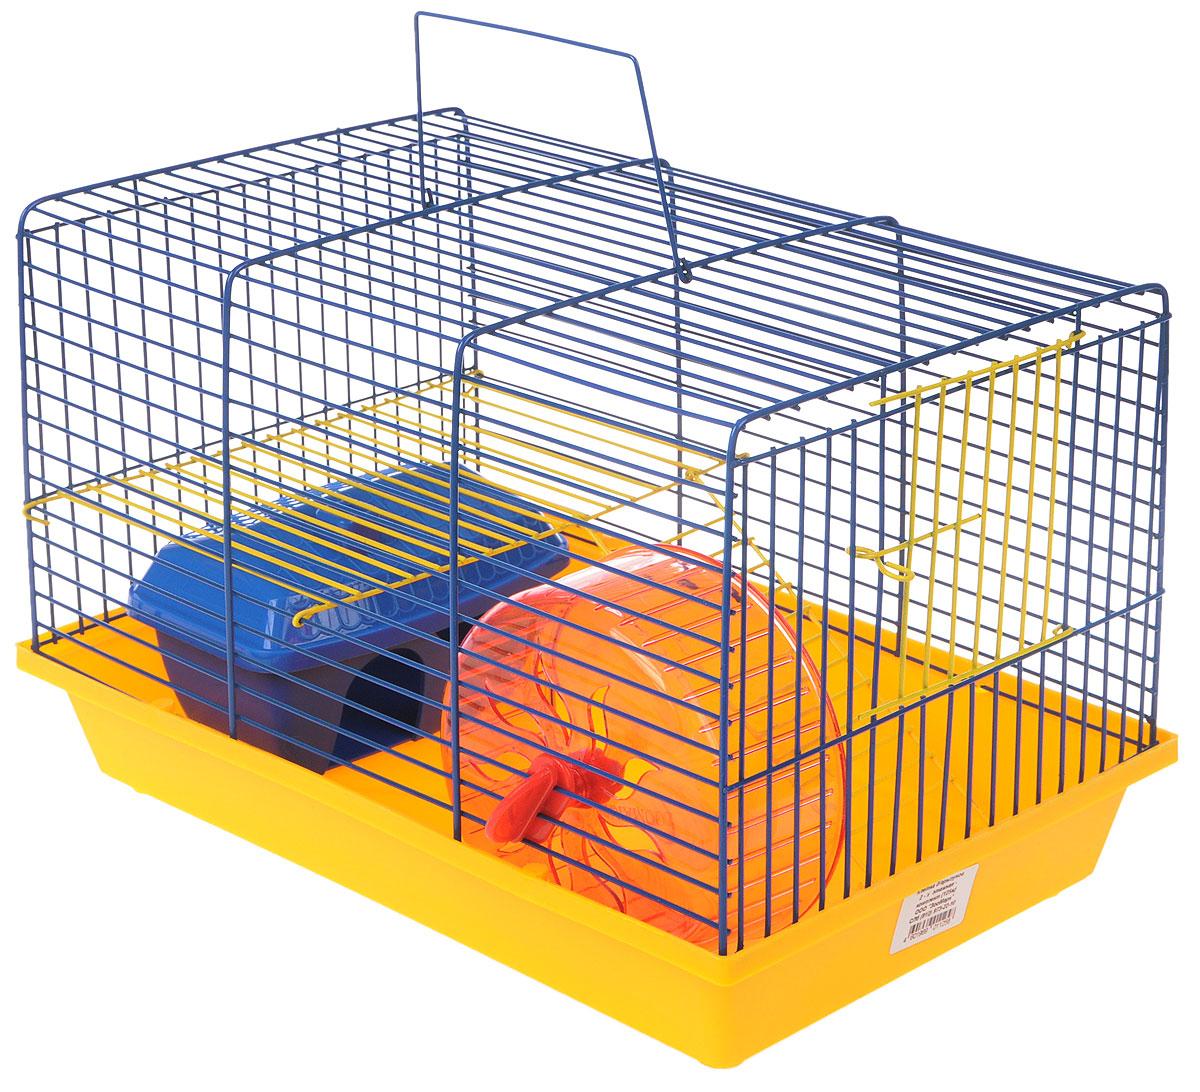 Клетка для грызунов ЗооМарк, 2-этажная, цвет: желтый поддон, синяя решетка, желтый этаж, 36 х 22 х 24 см. 125жЖС125жЖС_желтый поддон, синяя решеткаКлетка ЗооМарк, выполненная из полипропилена и металла, подходит для мелких грызунов. Изделие двухэтажное, оборудовано колесом для подвижных игр и пластиковым домиком. Клетка имеет яркий поддон, удобна в использовании и легко чистится. Сверху имеется ручка для переноски, а сбоку удобная дверца. Такая клетка станет уединенным личным пространством и уютным домиком для маленького грызуна.